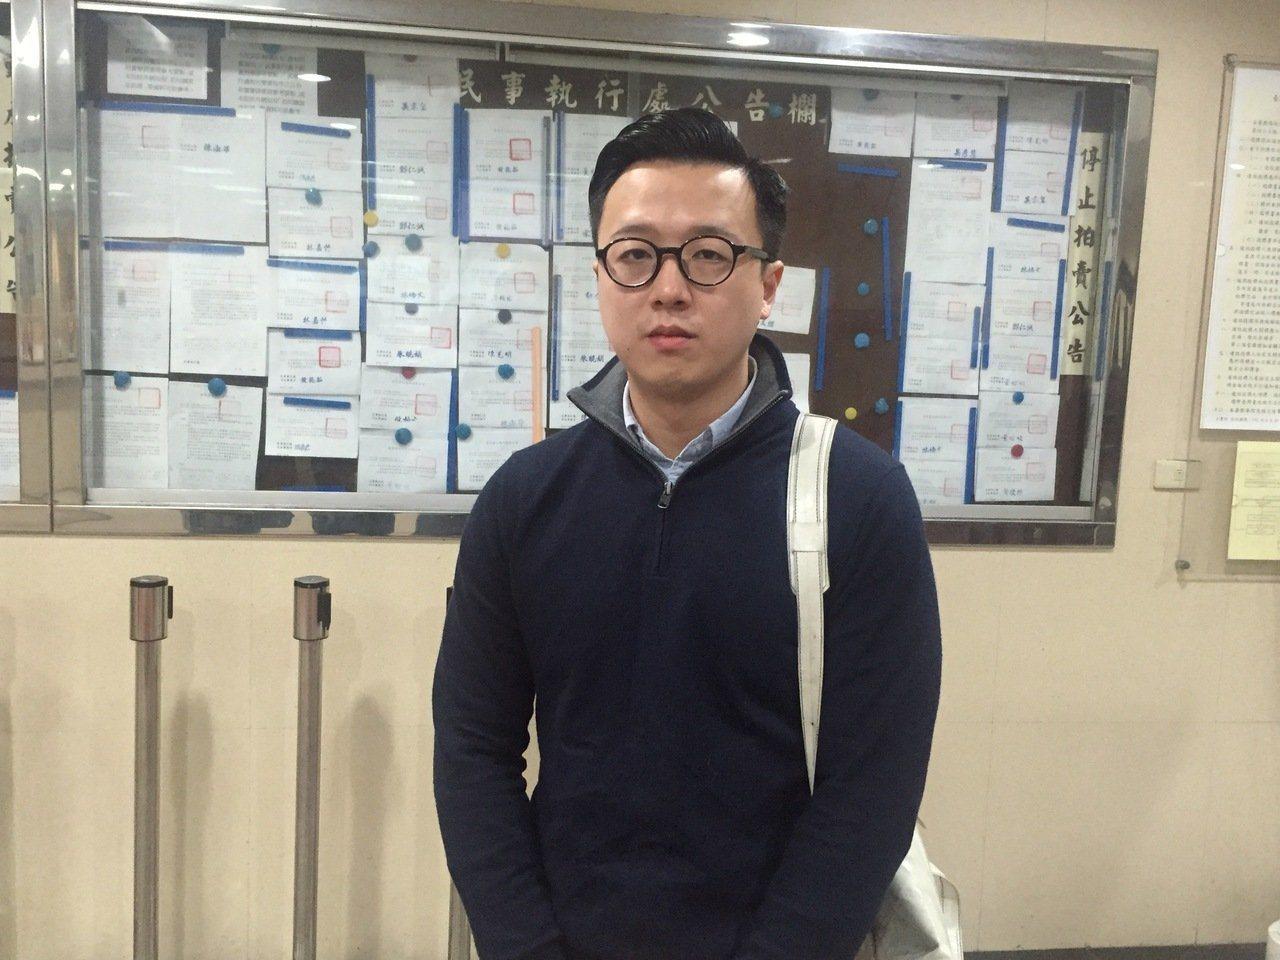 國民黨青年次團草協聯盟酎人李正皓今(23日)確定遭開除黨籍。本報資料照片